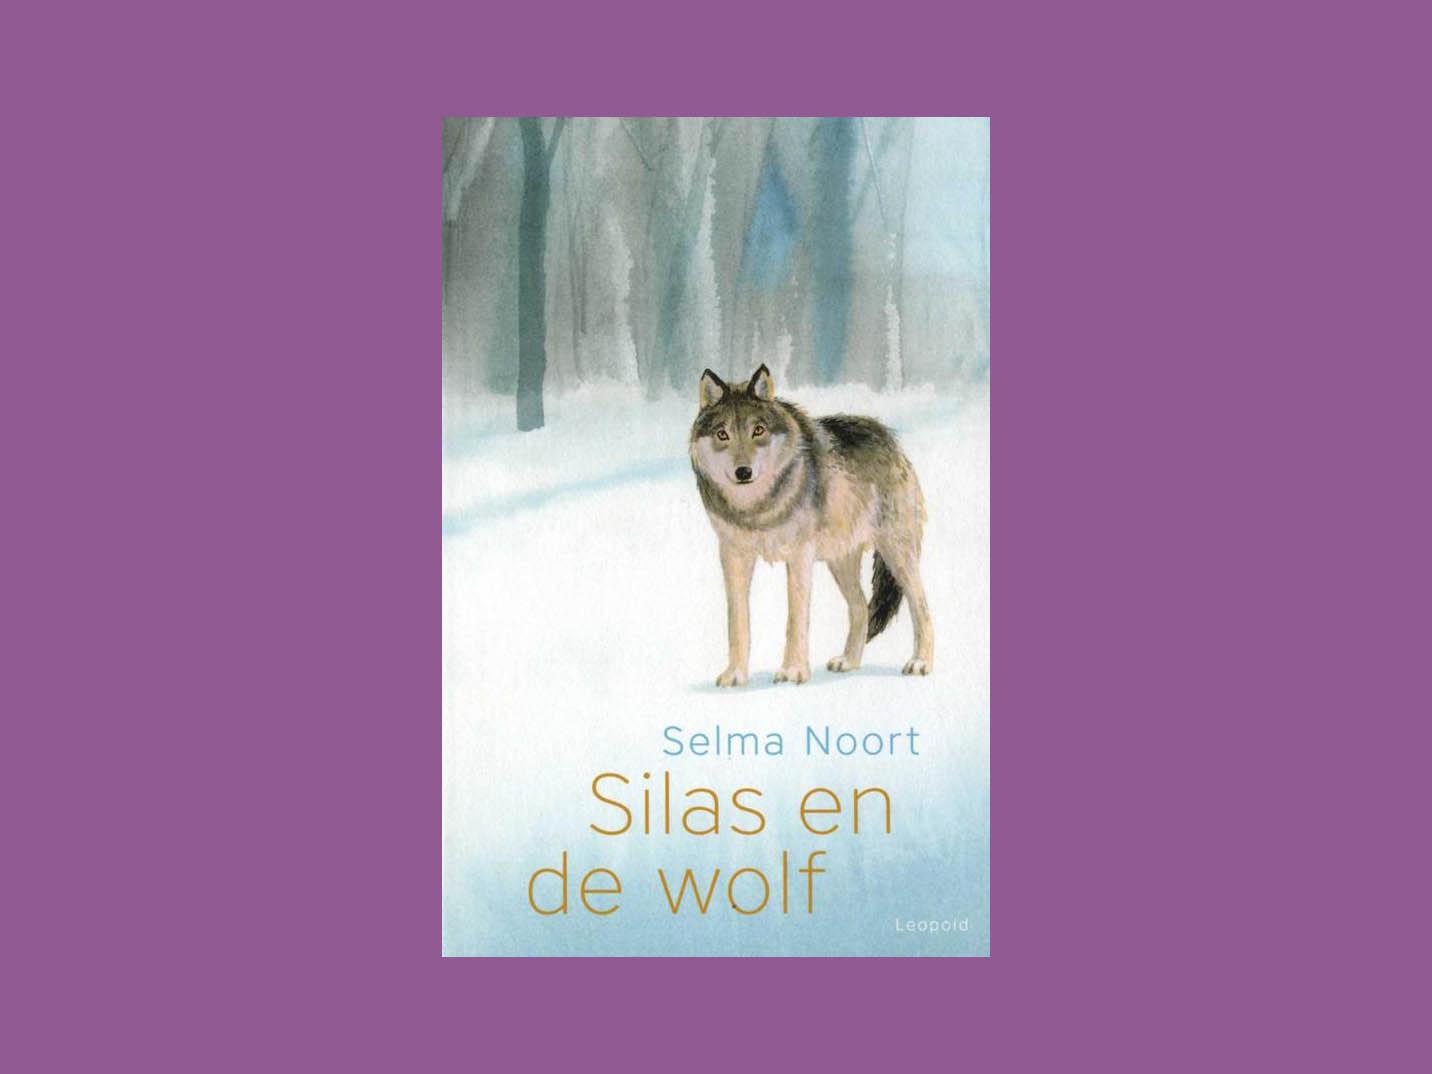 Boekbespreking Silas en de wolf